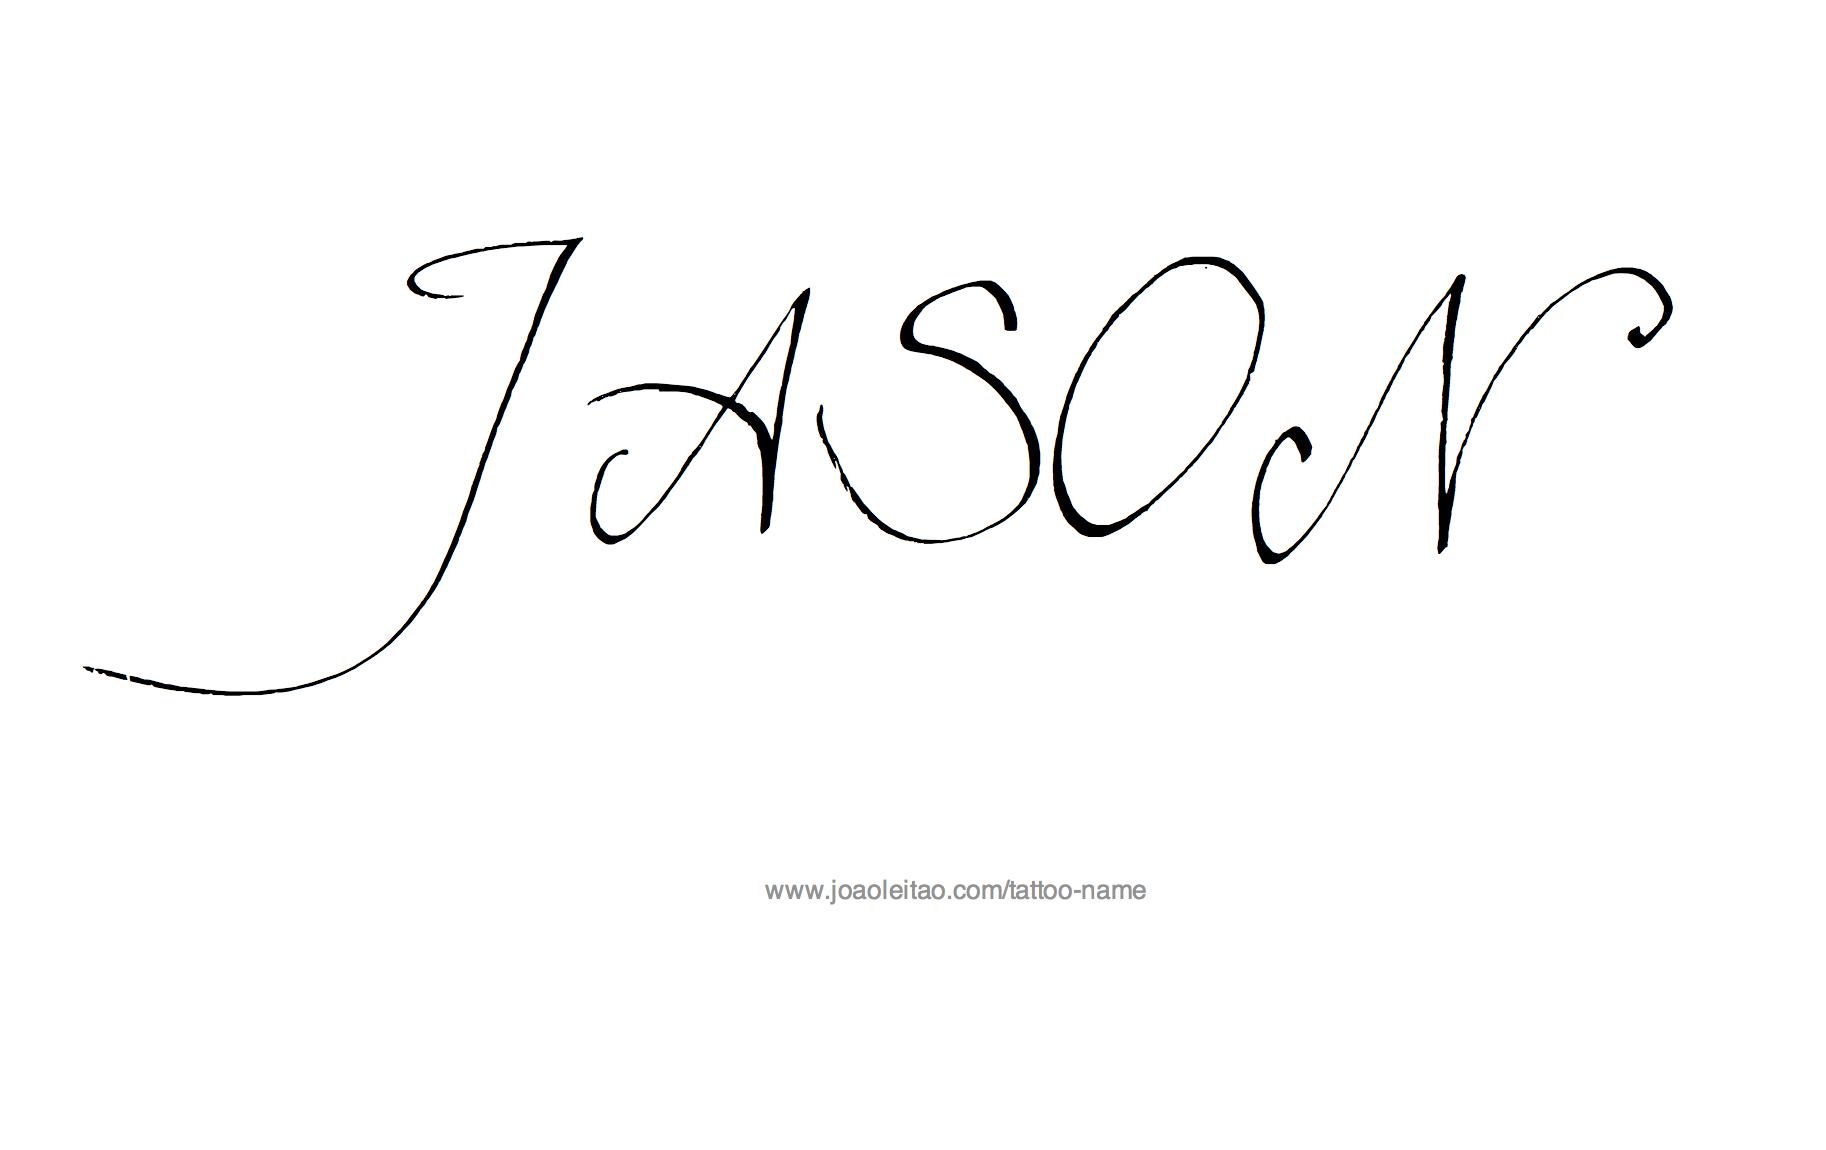 Jason Name Tattoo Designs Name Tattoos Tattoo Designs Tattoo Script